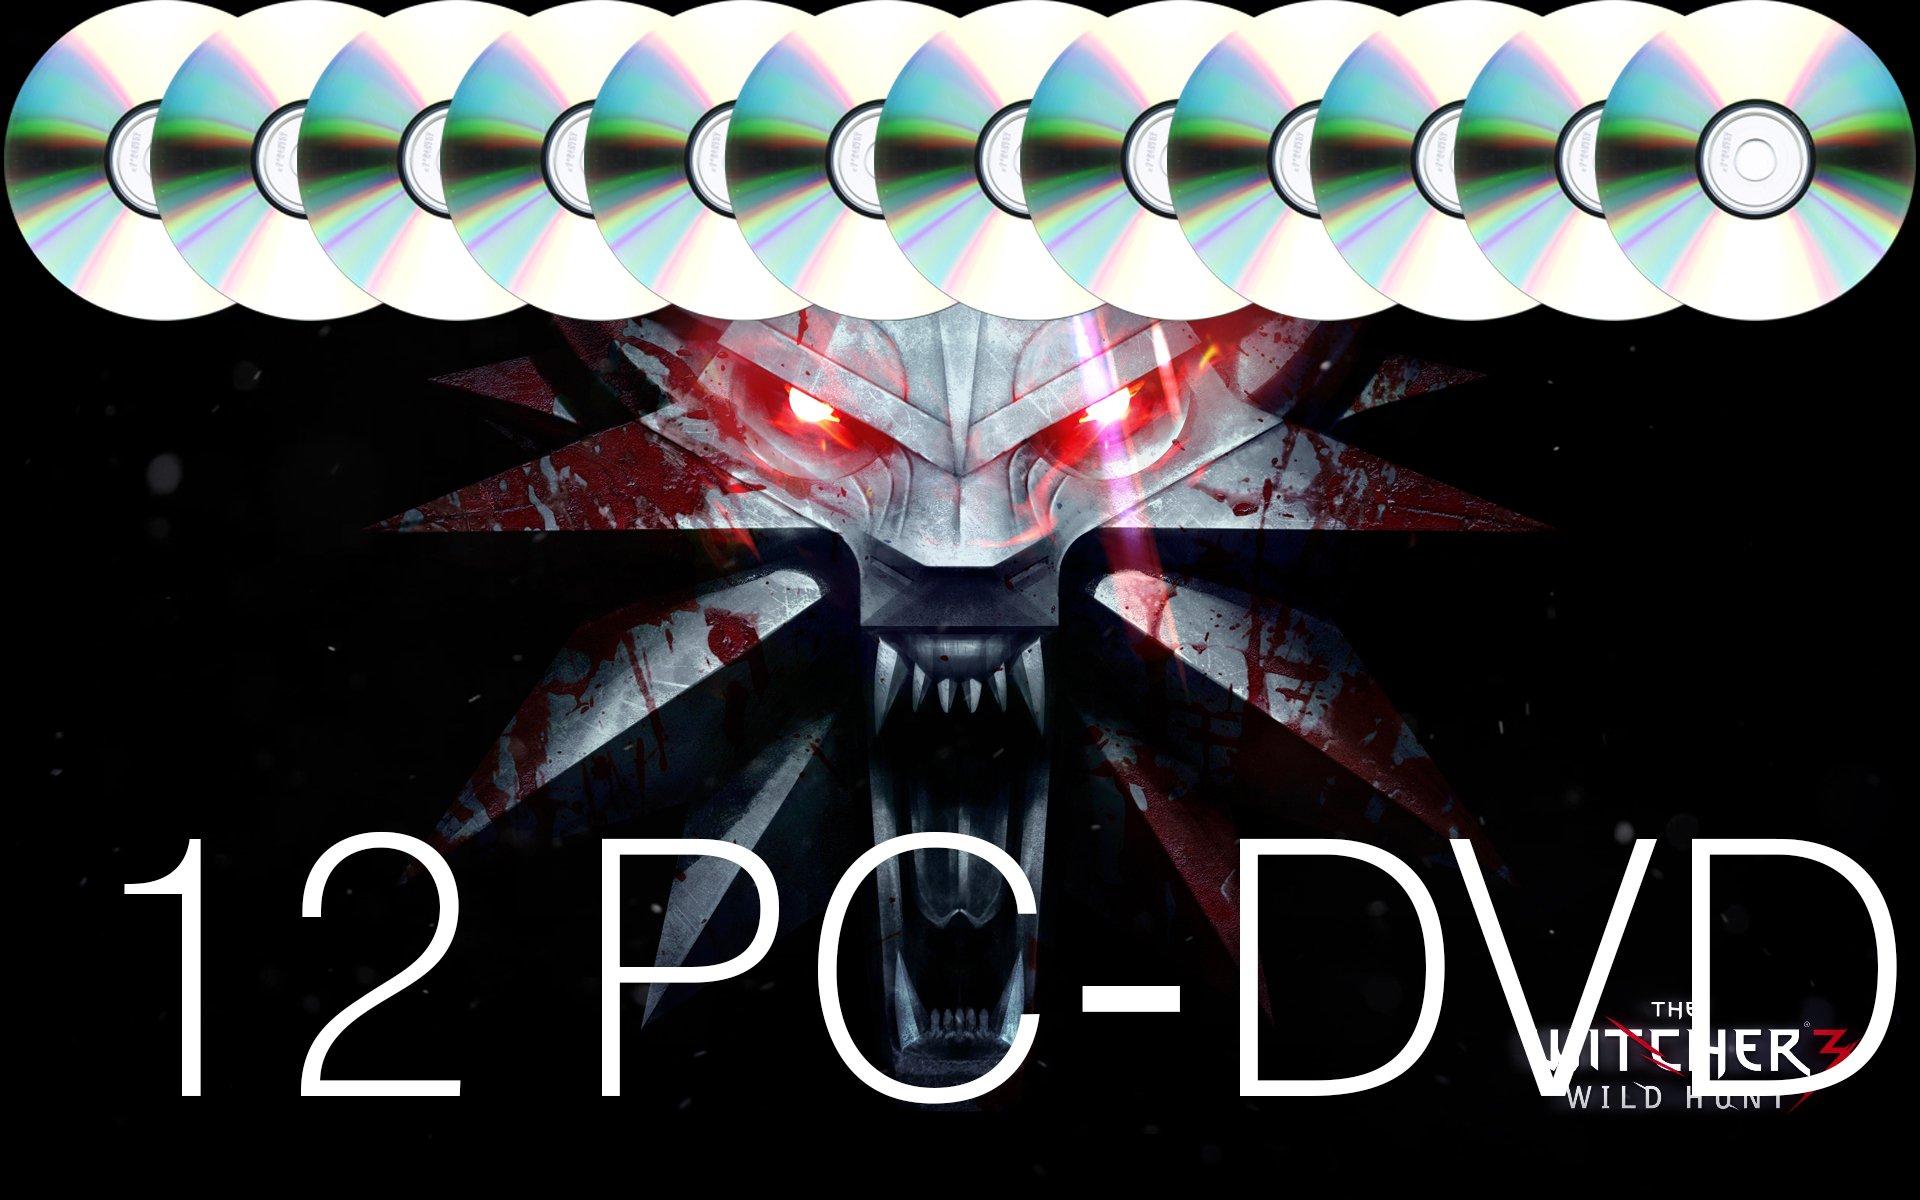 Ведьма 3 на 12 DVD дисках !  - Изображение 1